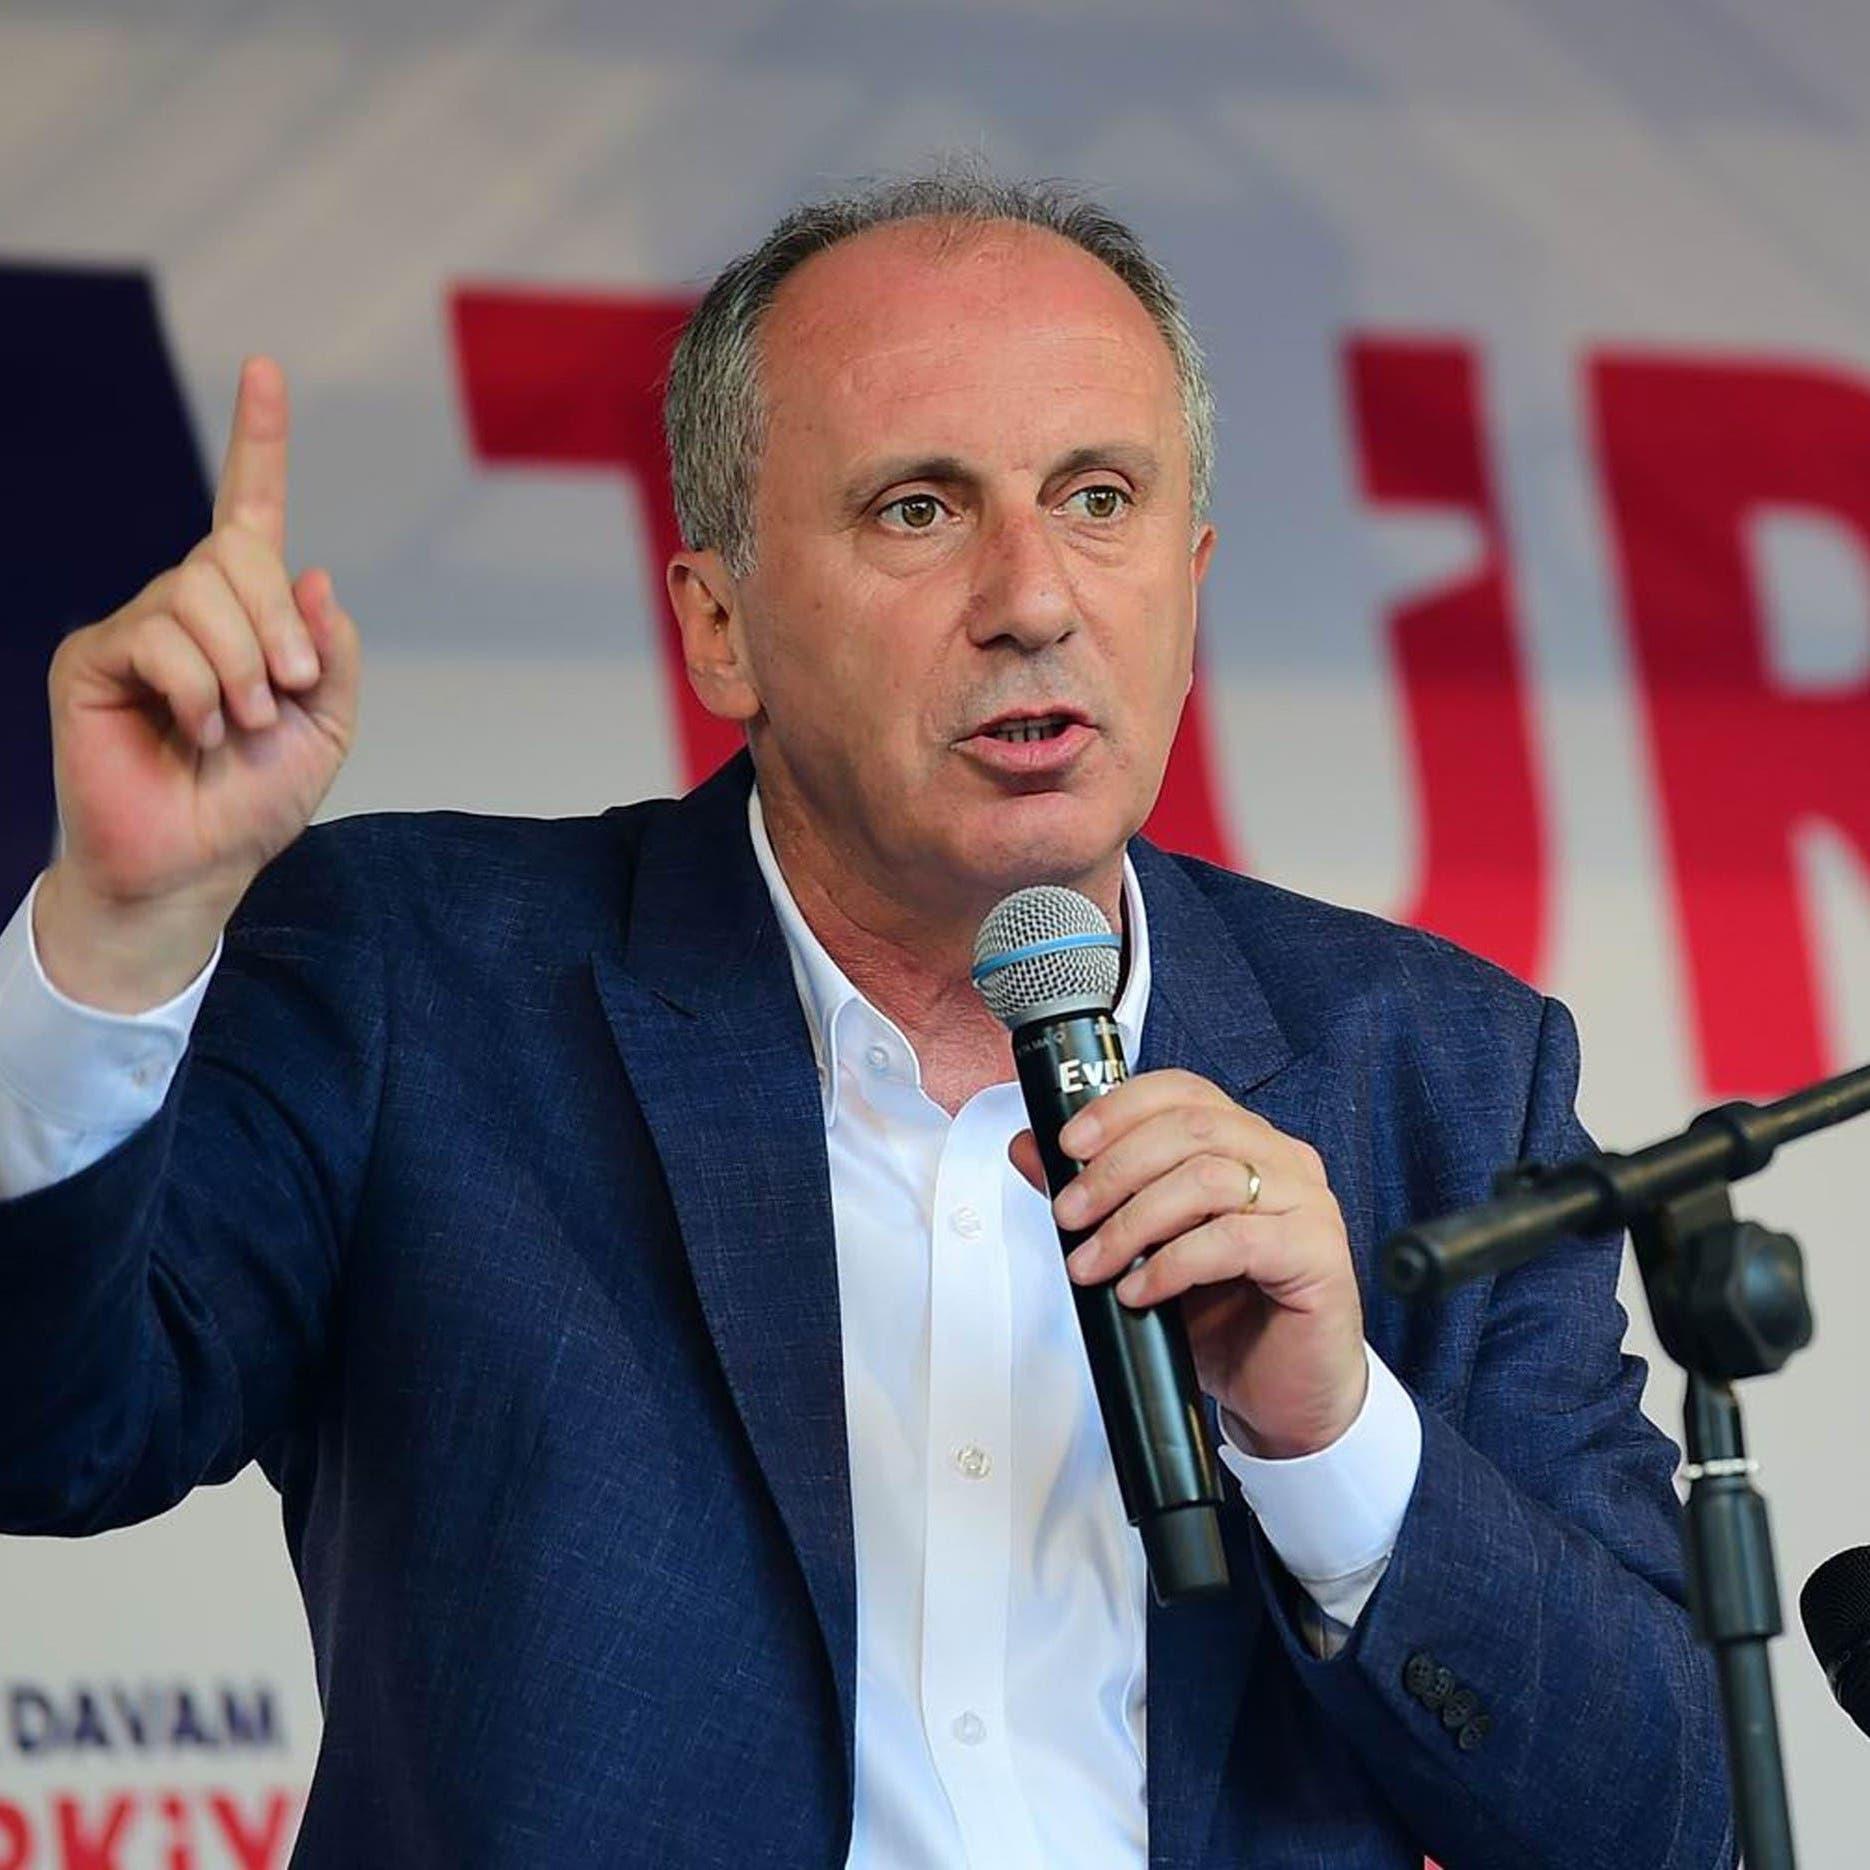 أكبر منافس لأردوغان يعلن عن حزب جديد: سنغير تركيا